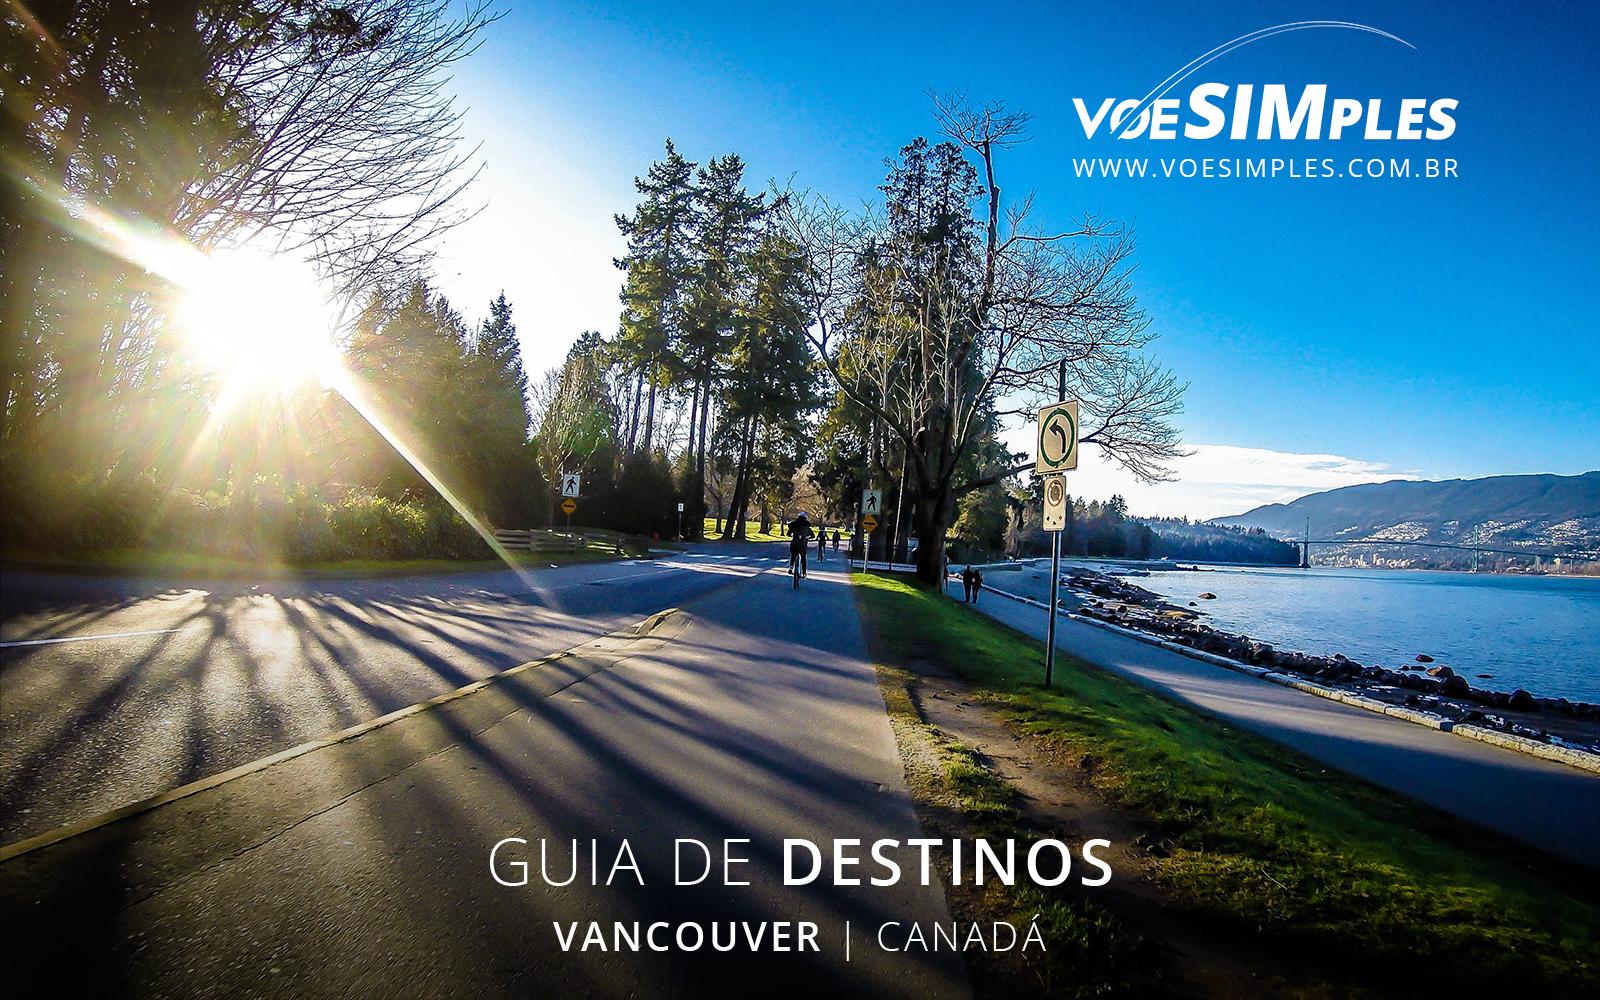 fotos-guia-destinos-voe-simples-vancouver-canada-guia-viagens-voesimples-vancouver-canada-pontos-turisticos-vancouver-canada-fotos-vancouver-01@2x